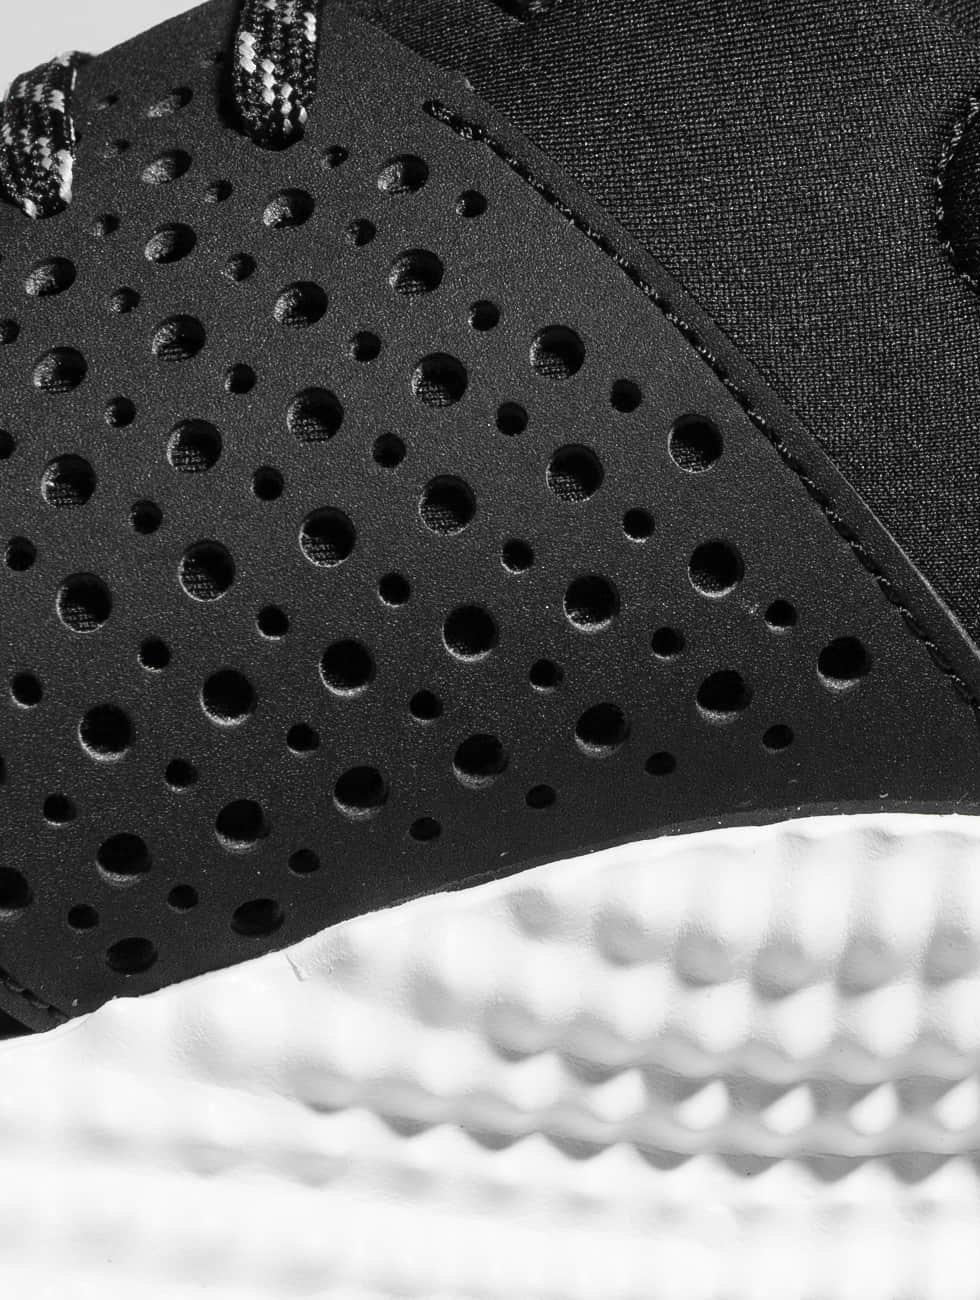 adidas Performance schoen / sneaker Athletics in zwart 374670 Goedkoop Voor Goedkope Verkoop Footlocker Kopen Goedkope Prijs 100% Authentiek Goedkope Prijs Gratis Verzending Limited Edition FmoY7Oe